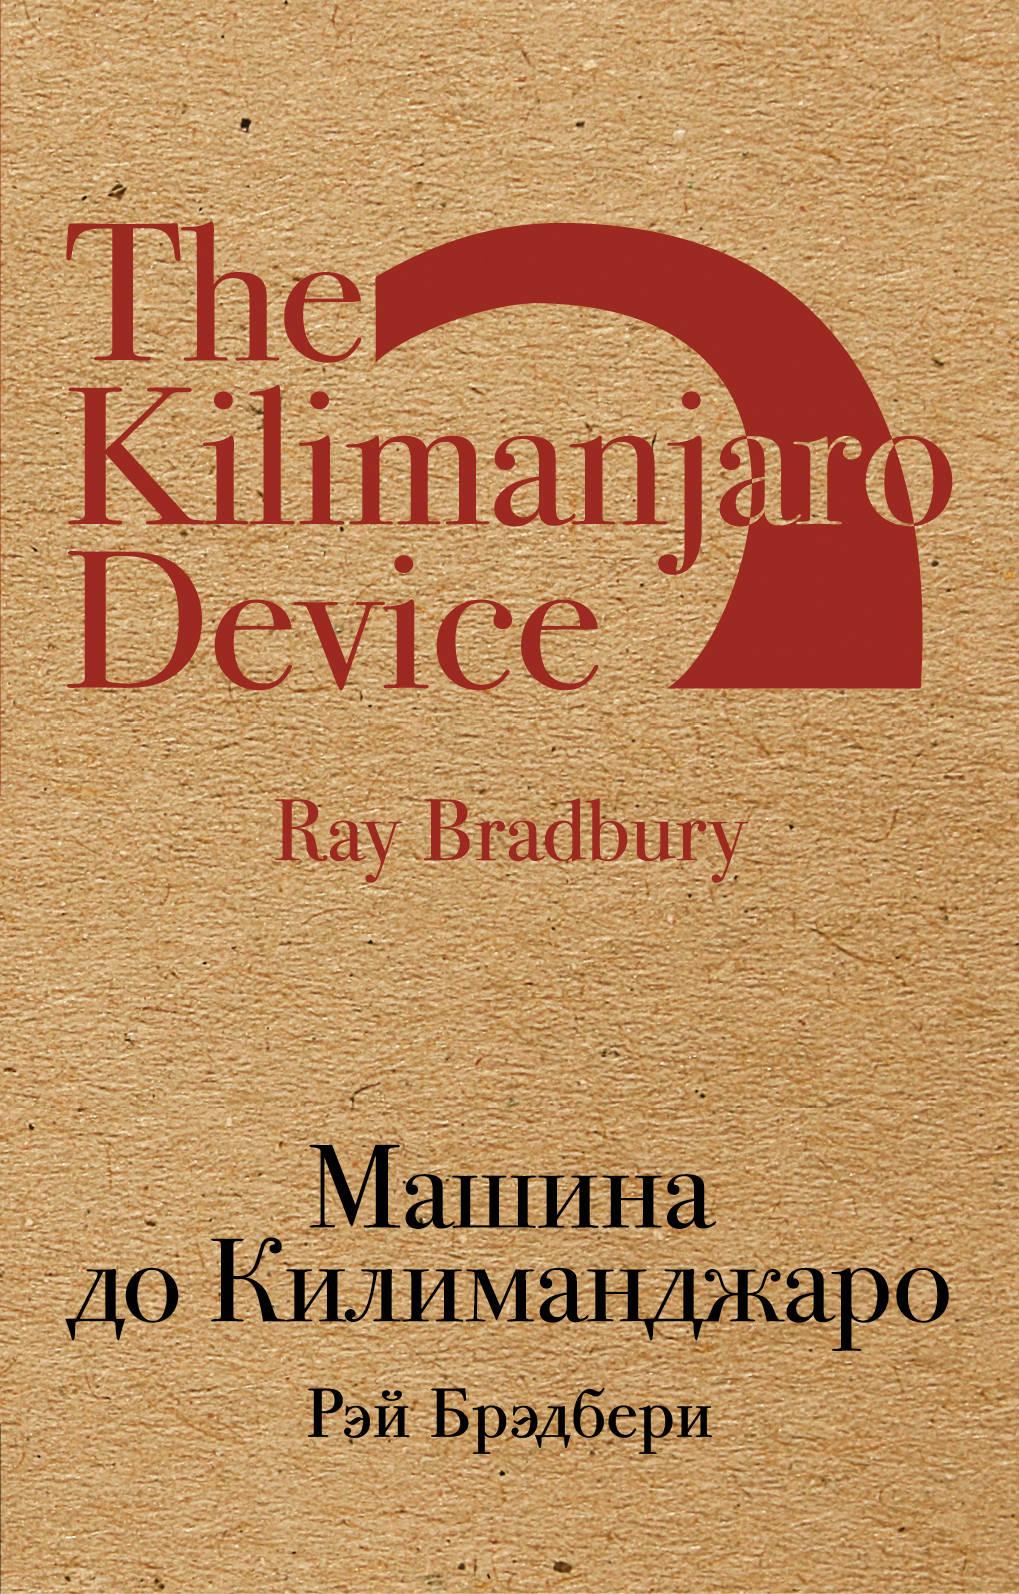 Машина до Килиманджаро